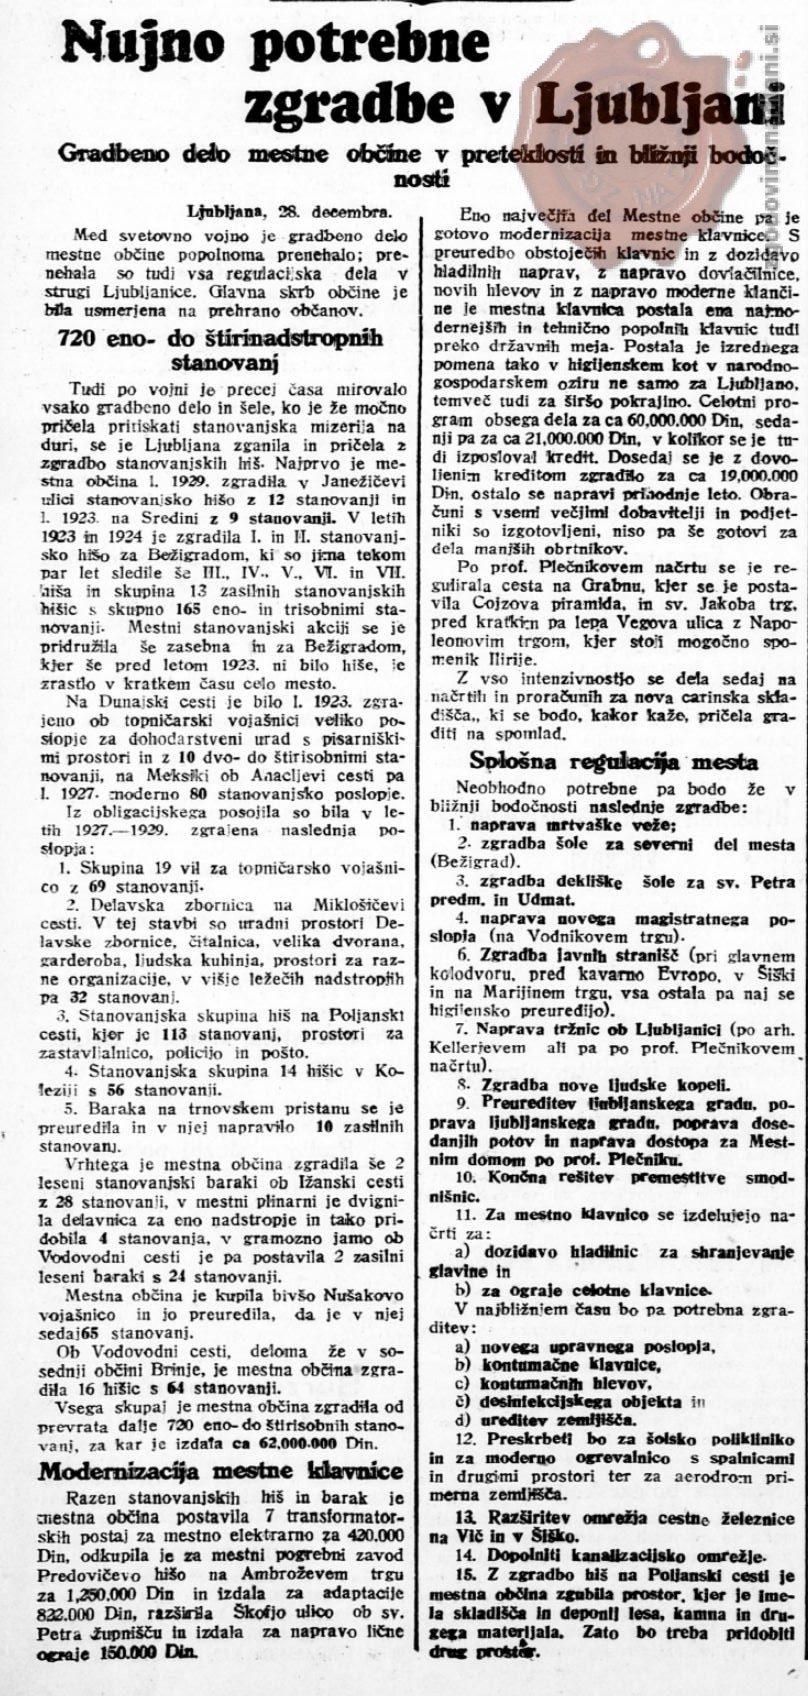 Slovenski narod, 28.12.1929, str. 2.